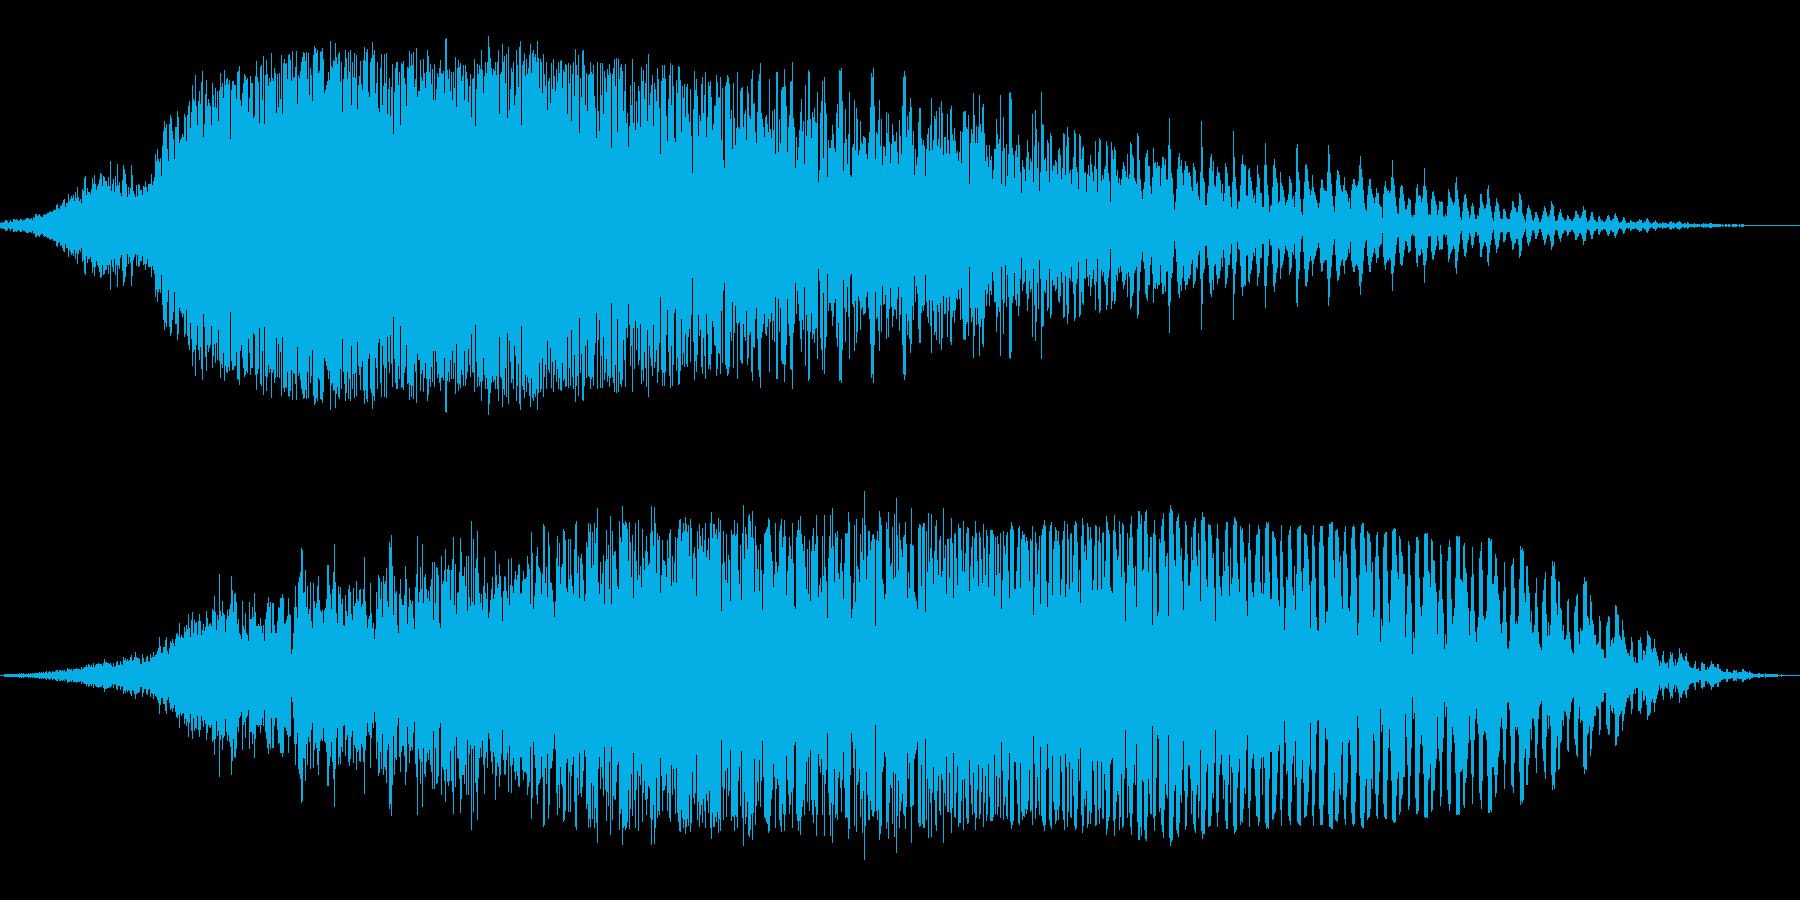 巨大宇宙船が通過する音の再生済みの波形